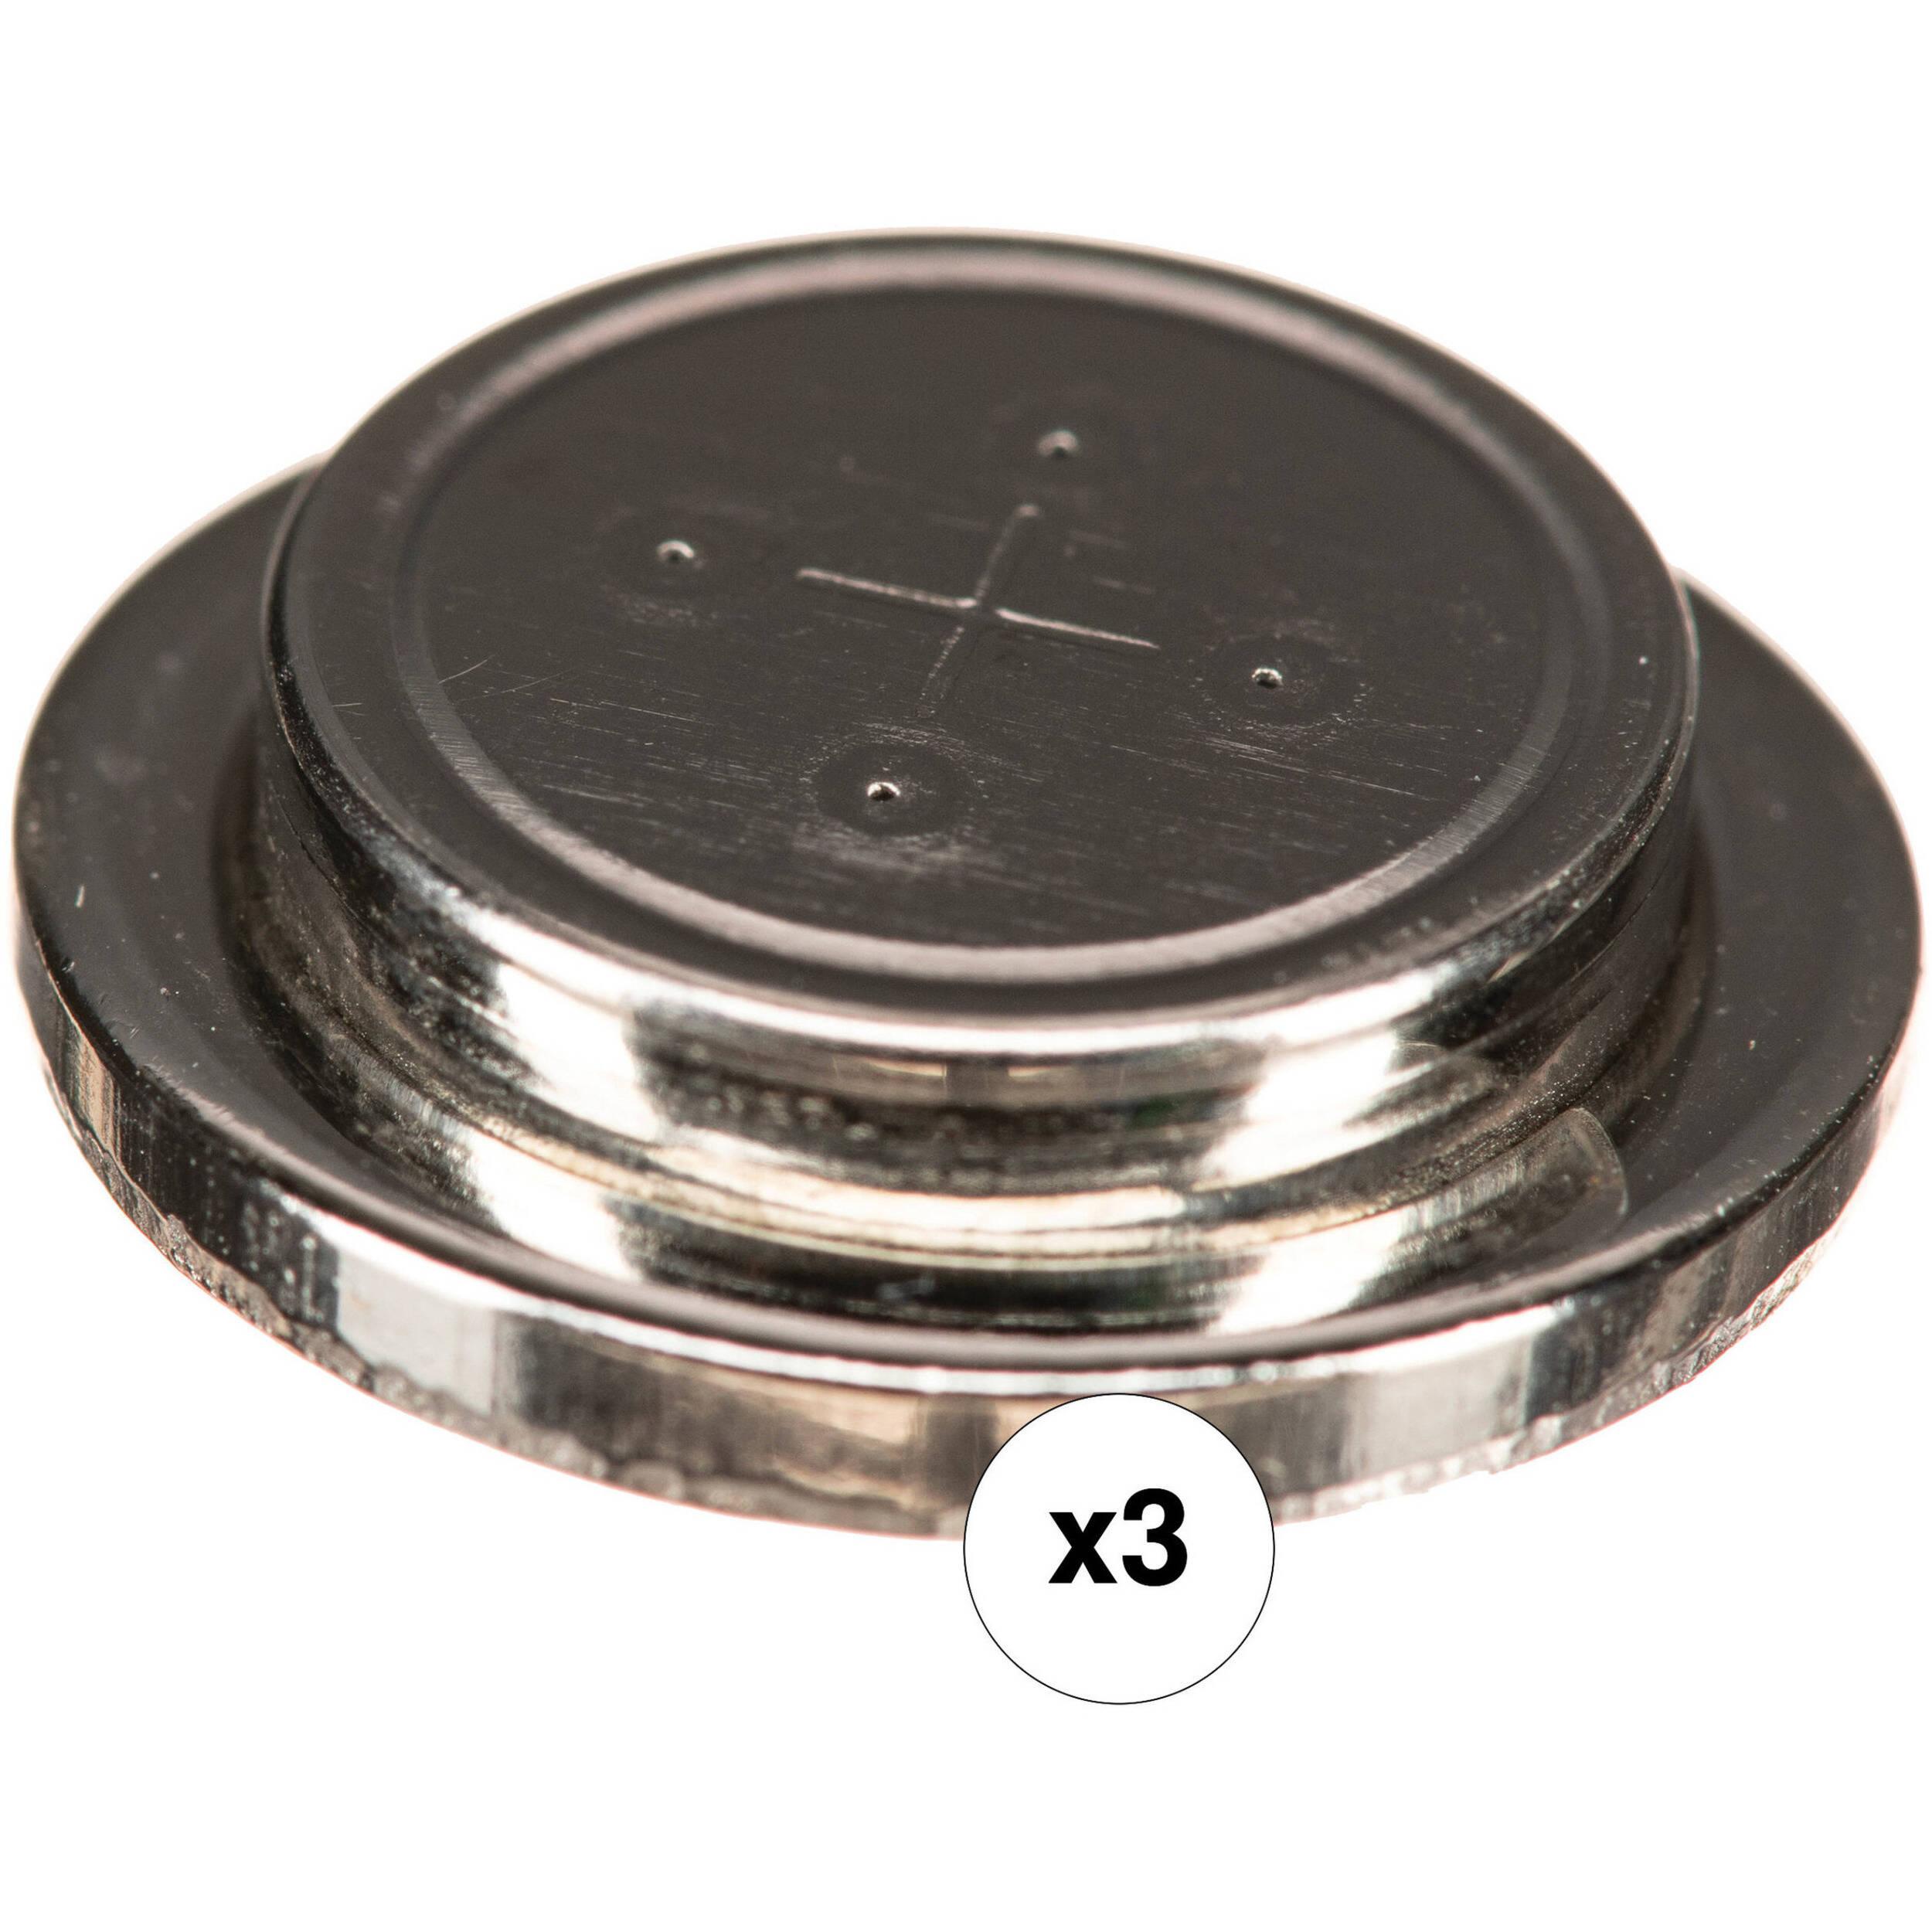 Zinc Air Battery : Wein mrb cell v zinc air battery pack b h photo